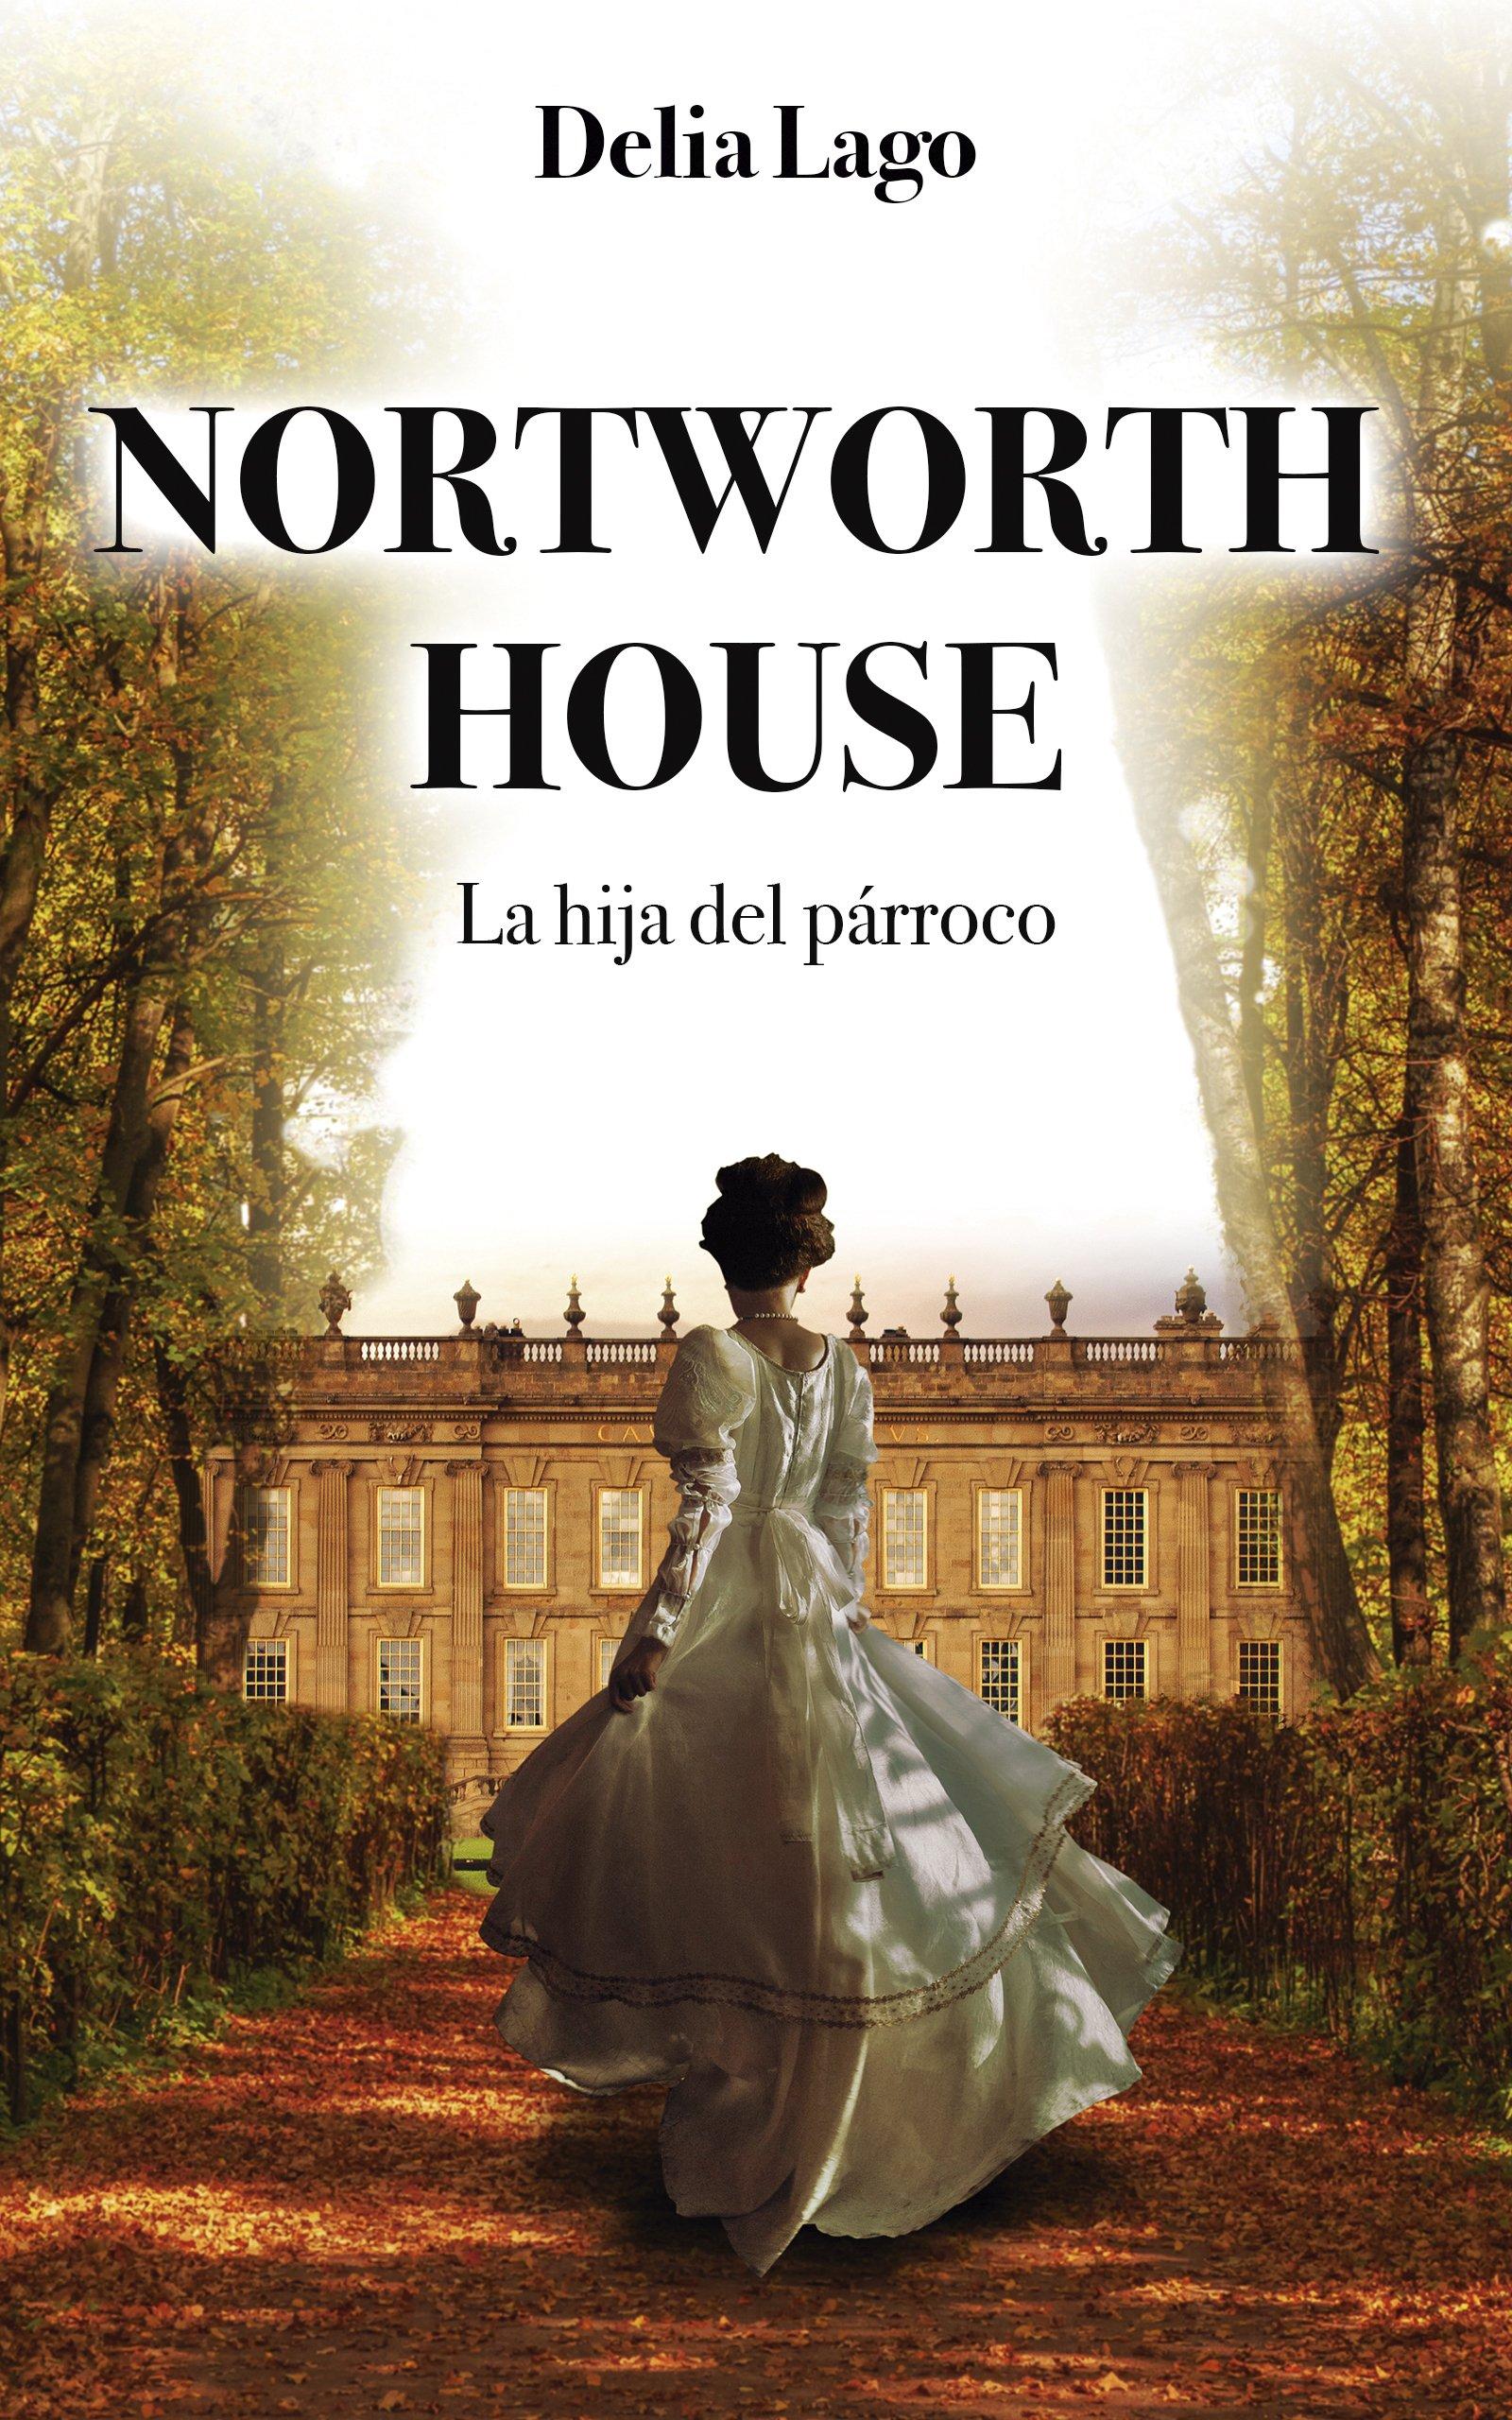 Nortworth house, de Delia Lago